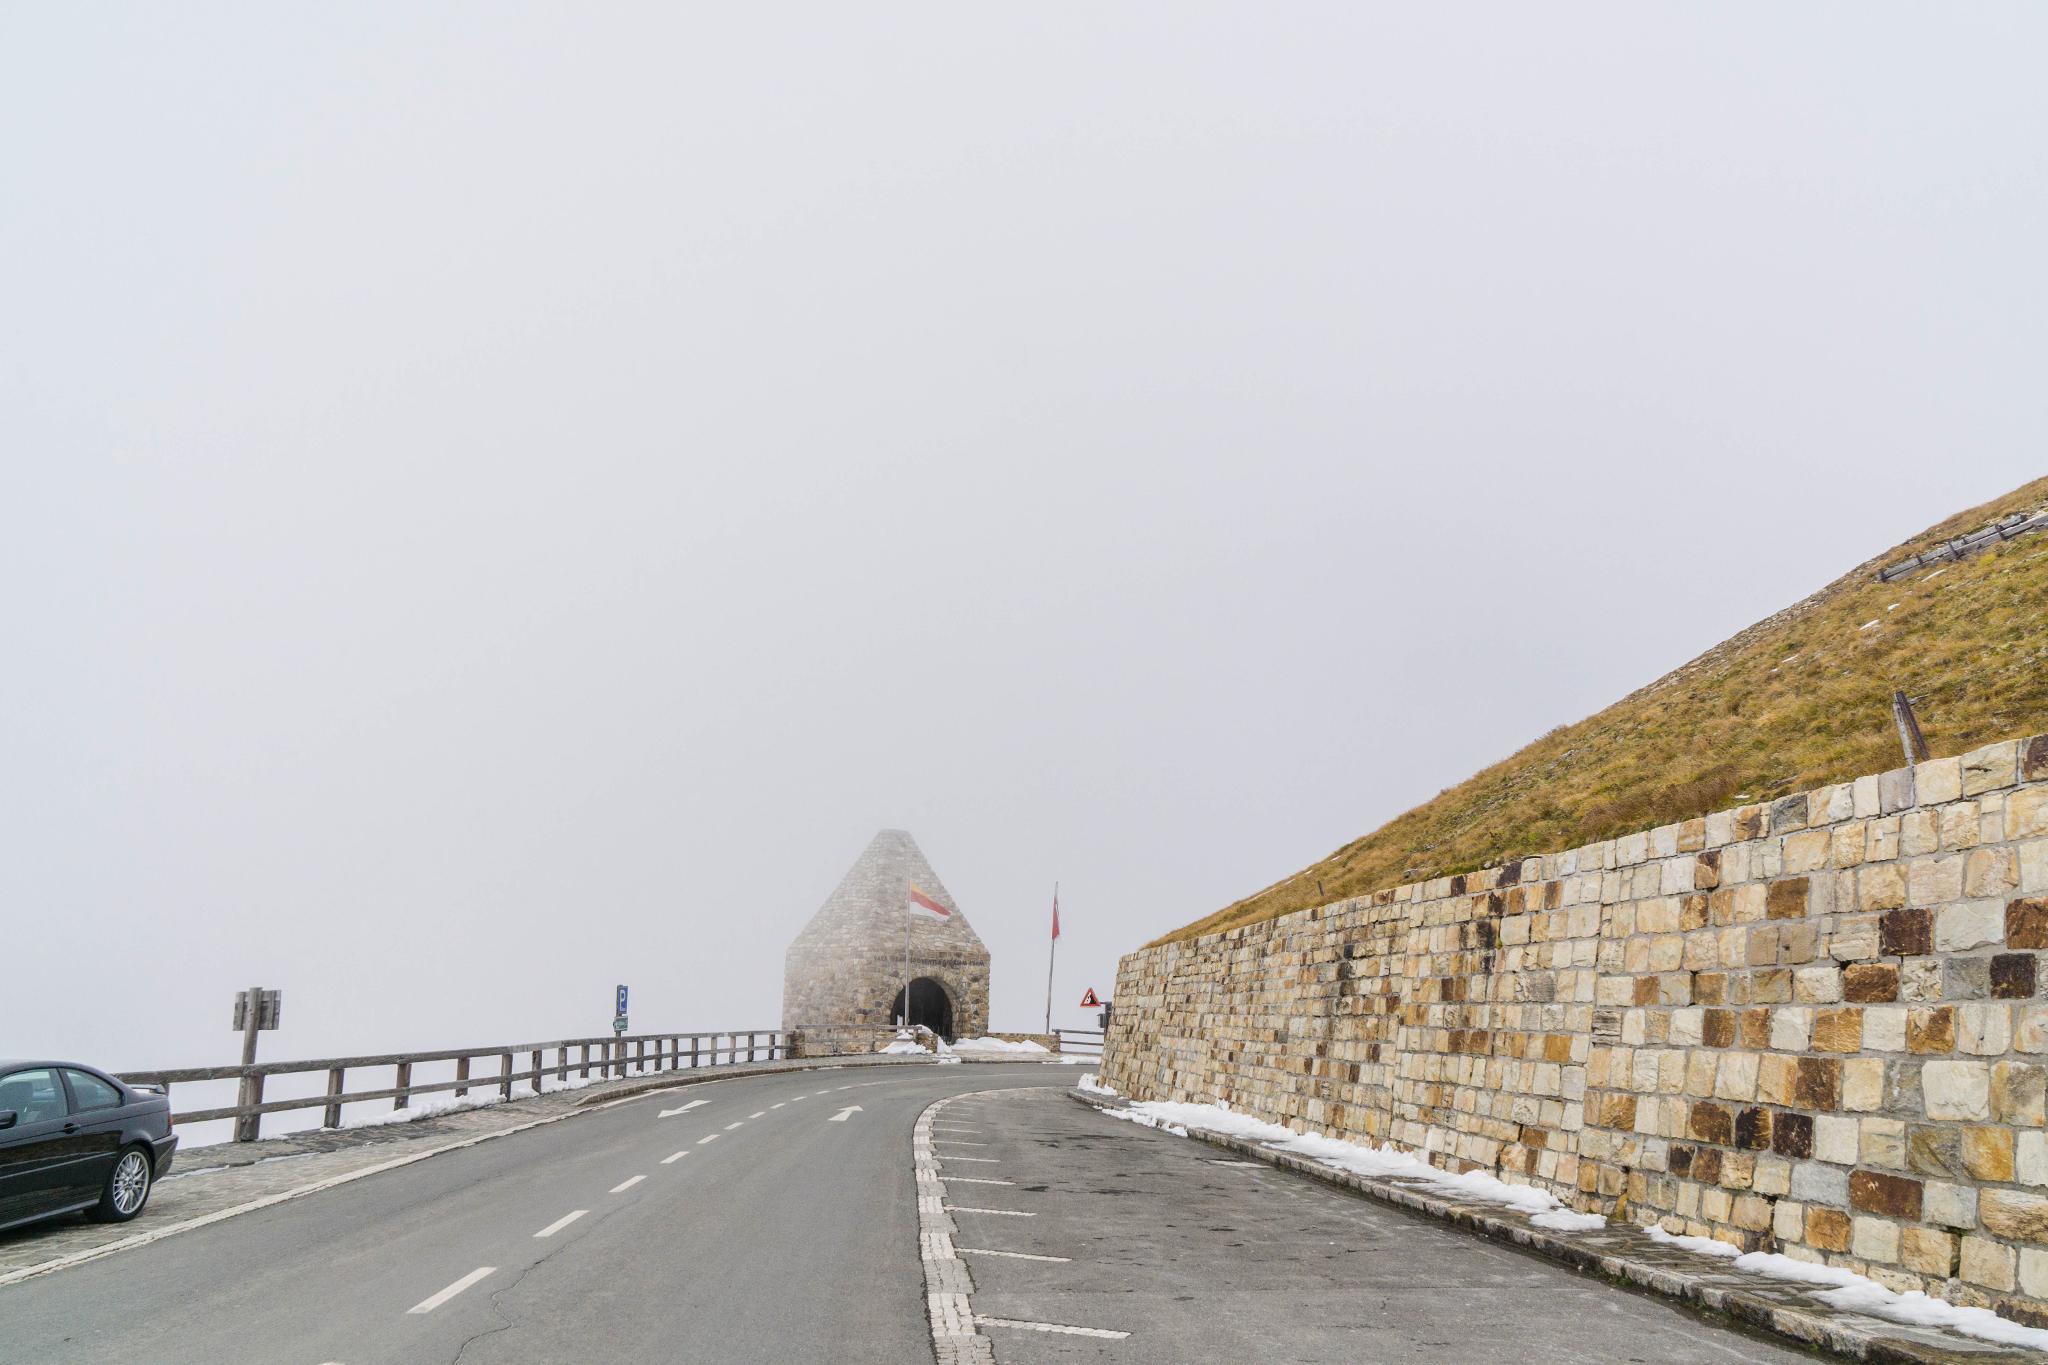 【奧地利】穿越阿爾卑斯之巔 — 奧地利大鐘山冰河公路 (Grossglockner High Alpine Road) 56